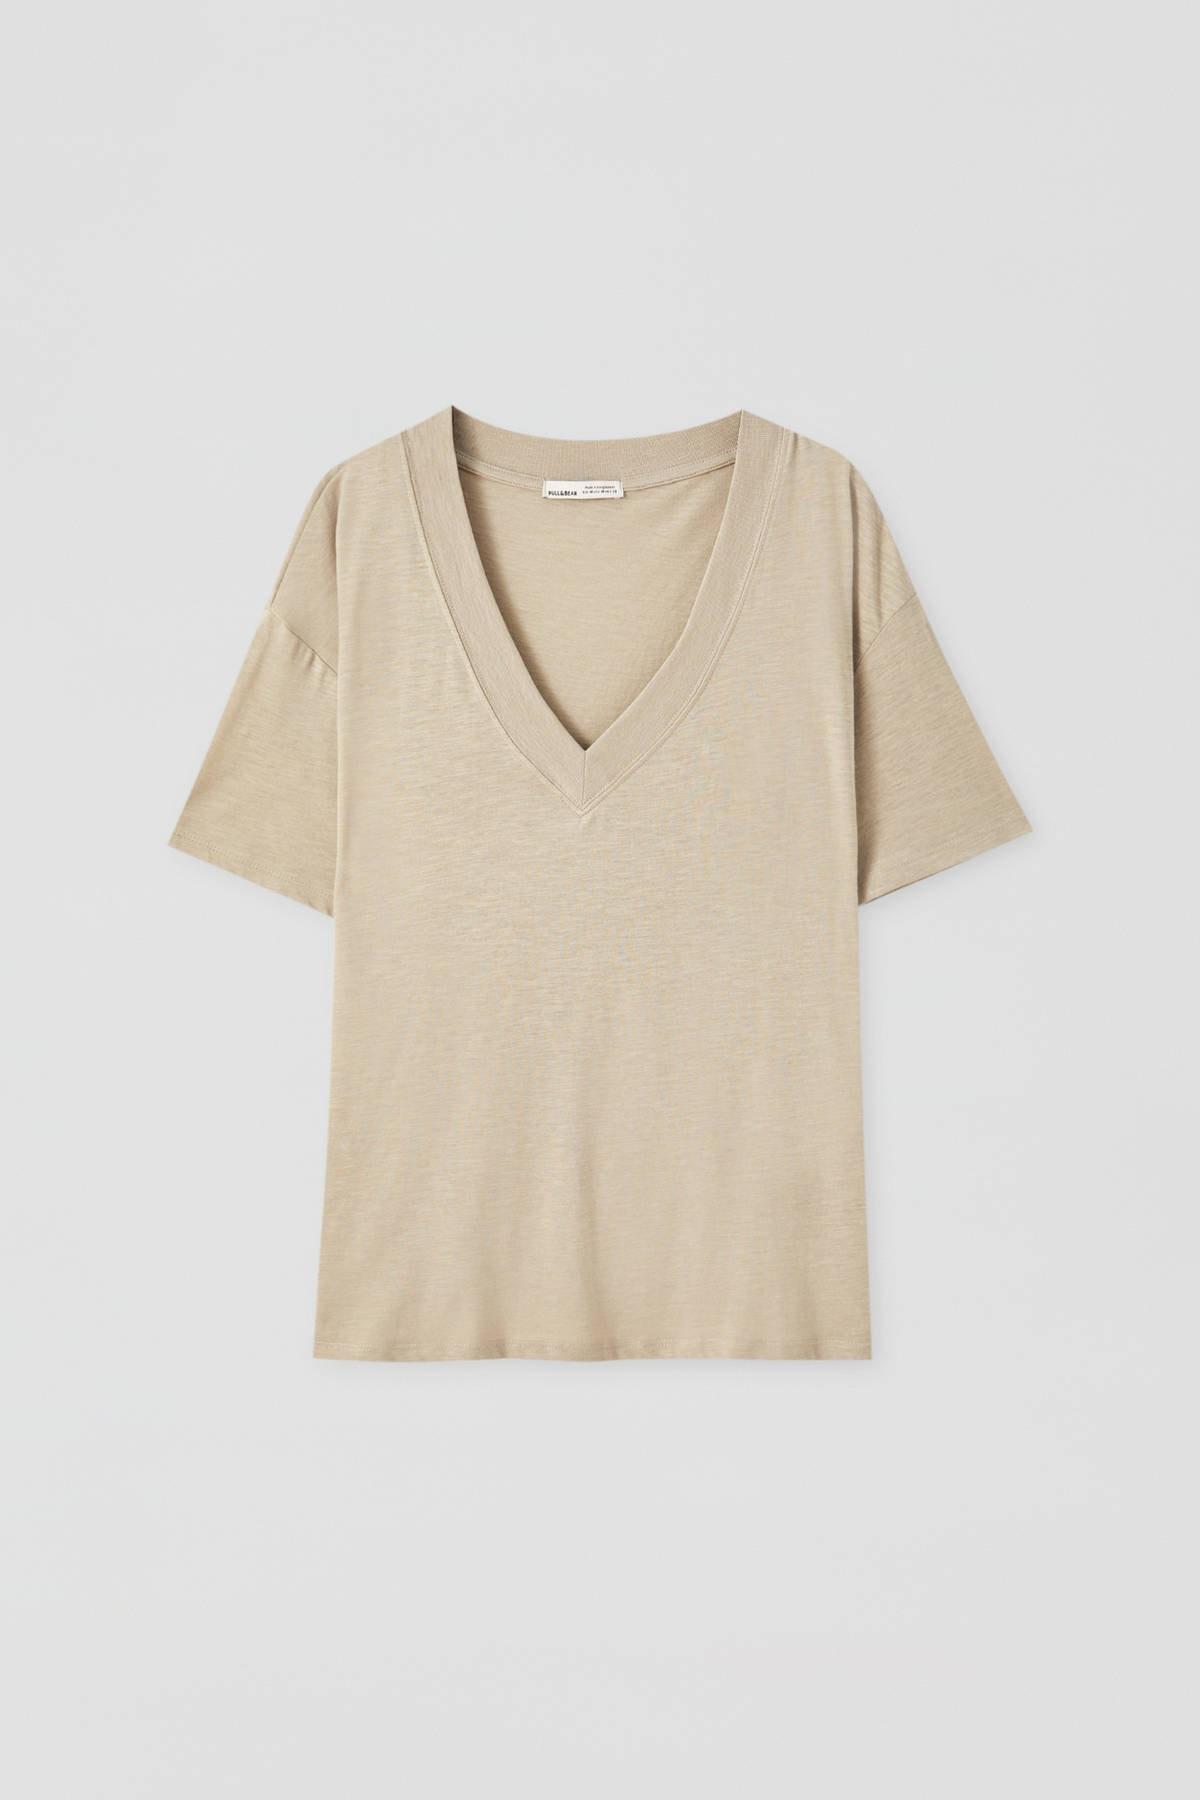 Pull & Bear Kadın Açık Haki Basic Oversize Düğümlü Örgü T-Shirt 05236324 4